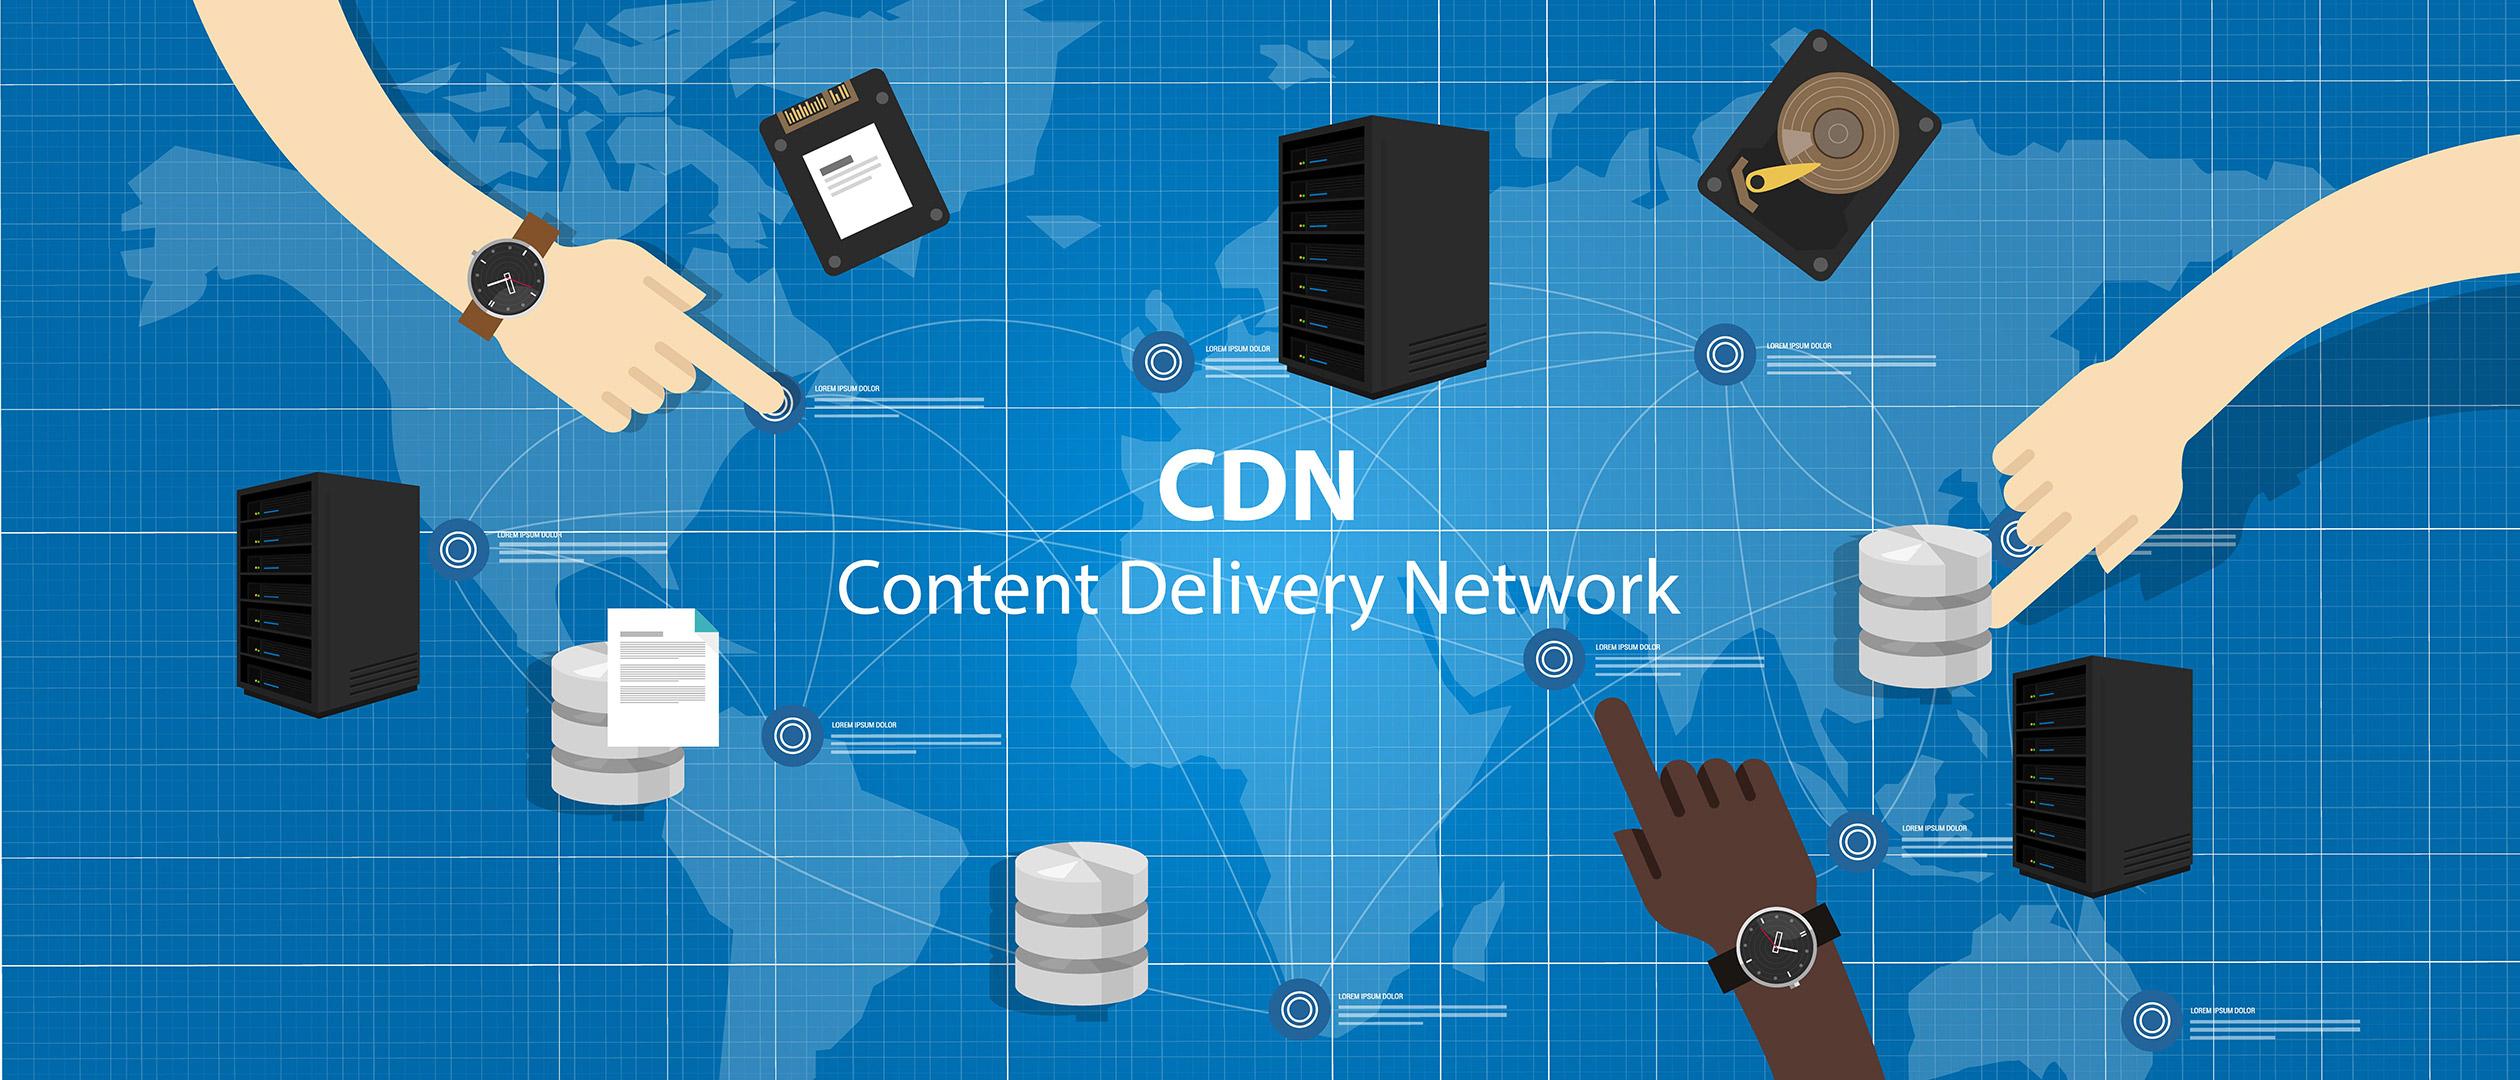 cdn rede de distribuição de conteúdo